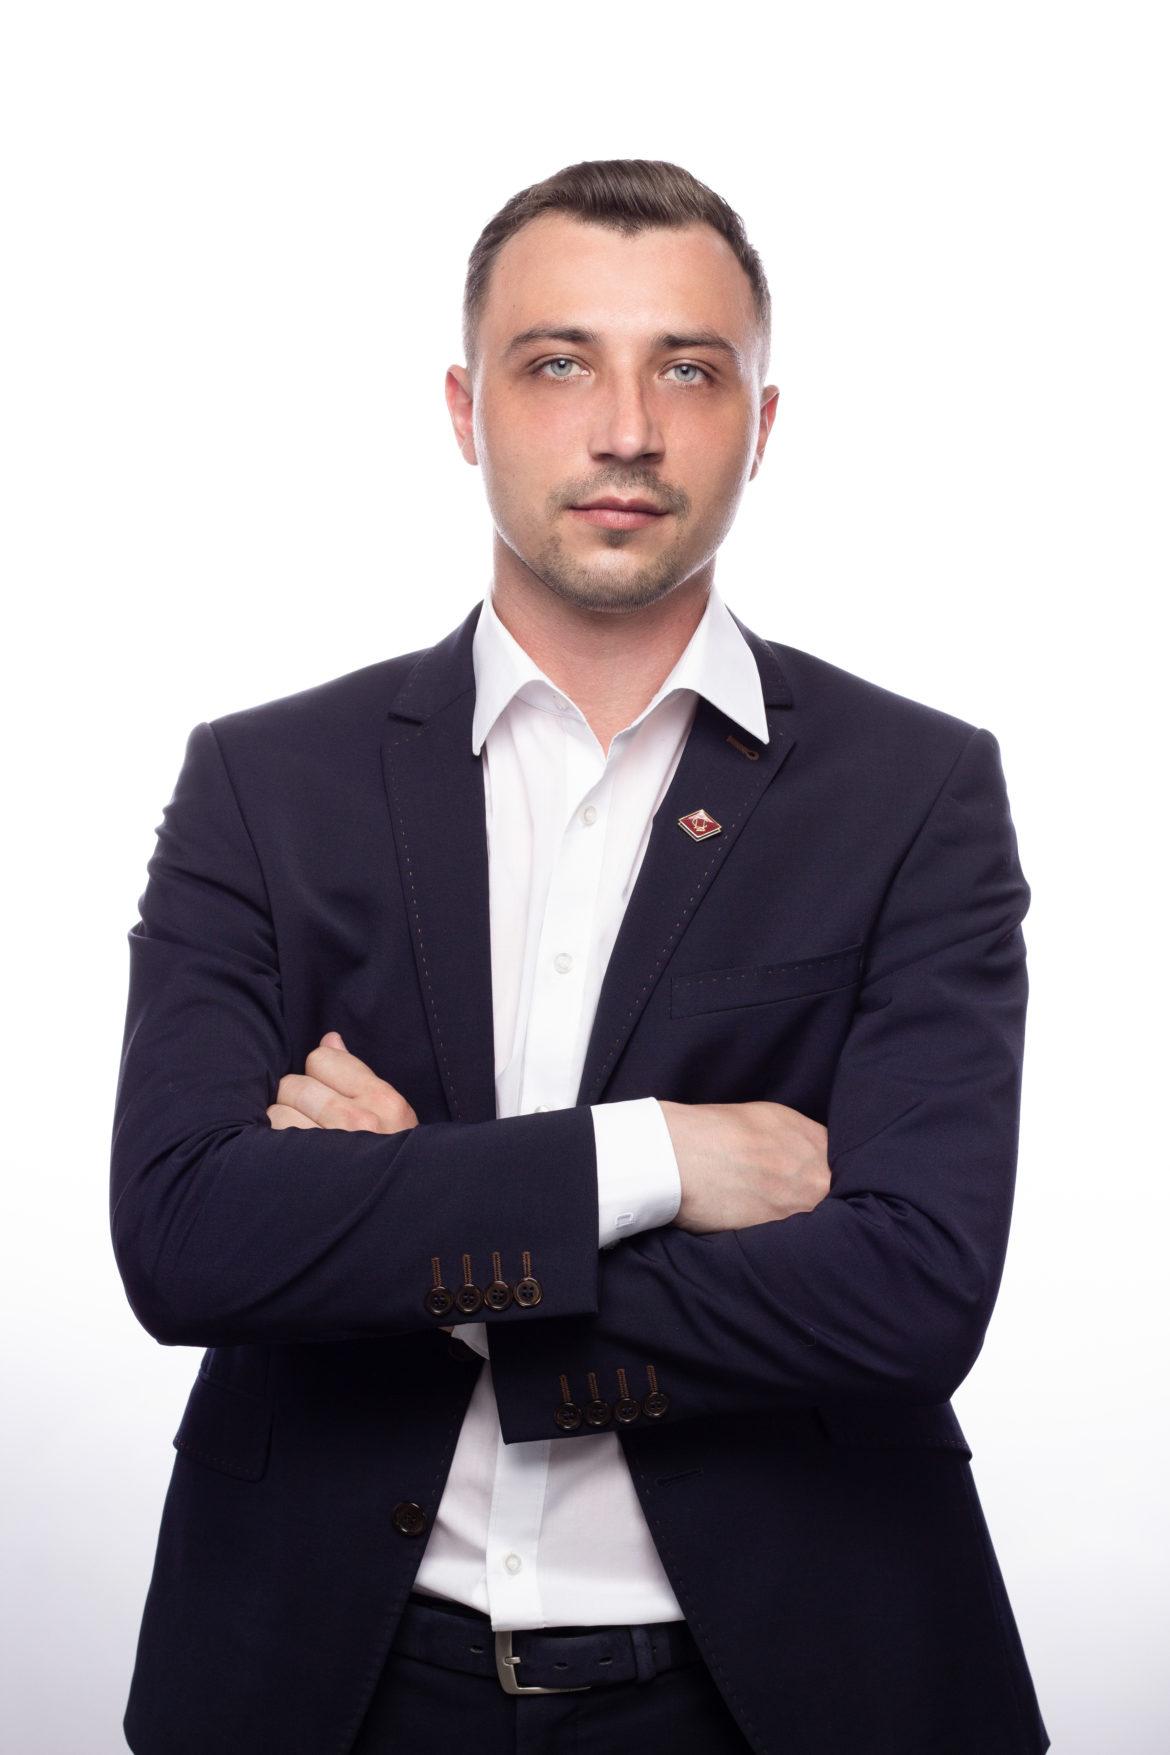 «Если не помочь бизнесу сегодня, то завтра он рухнет» – председатель крайпотребсоюза Евгений Кротов